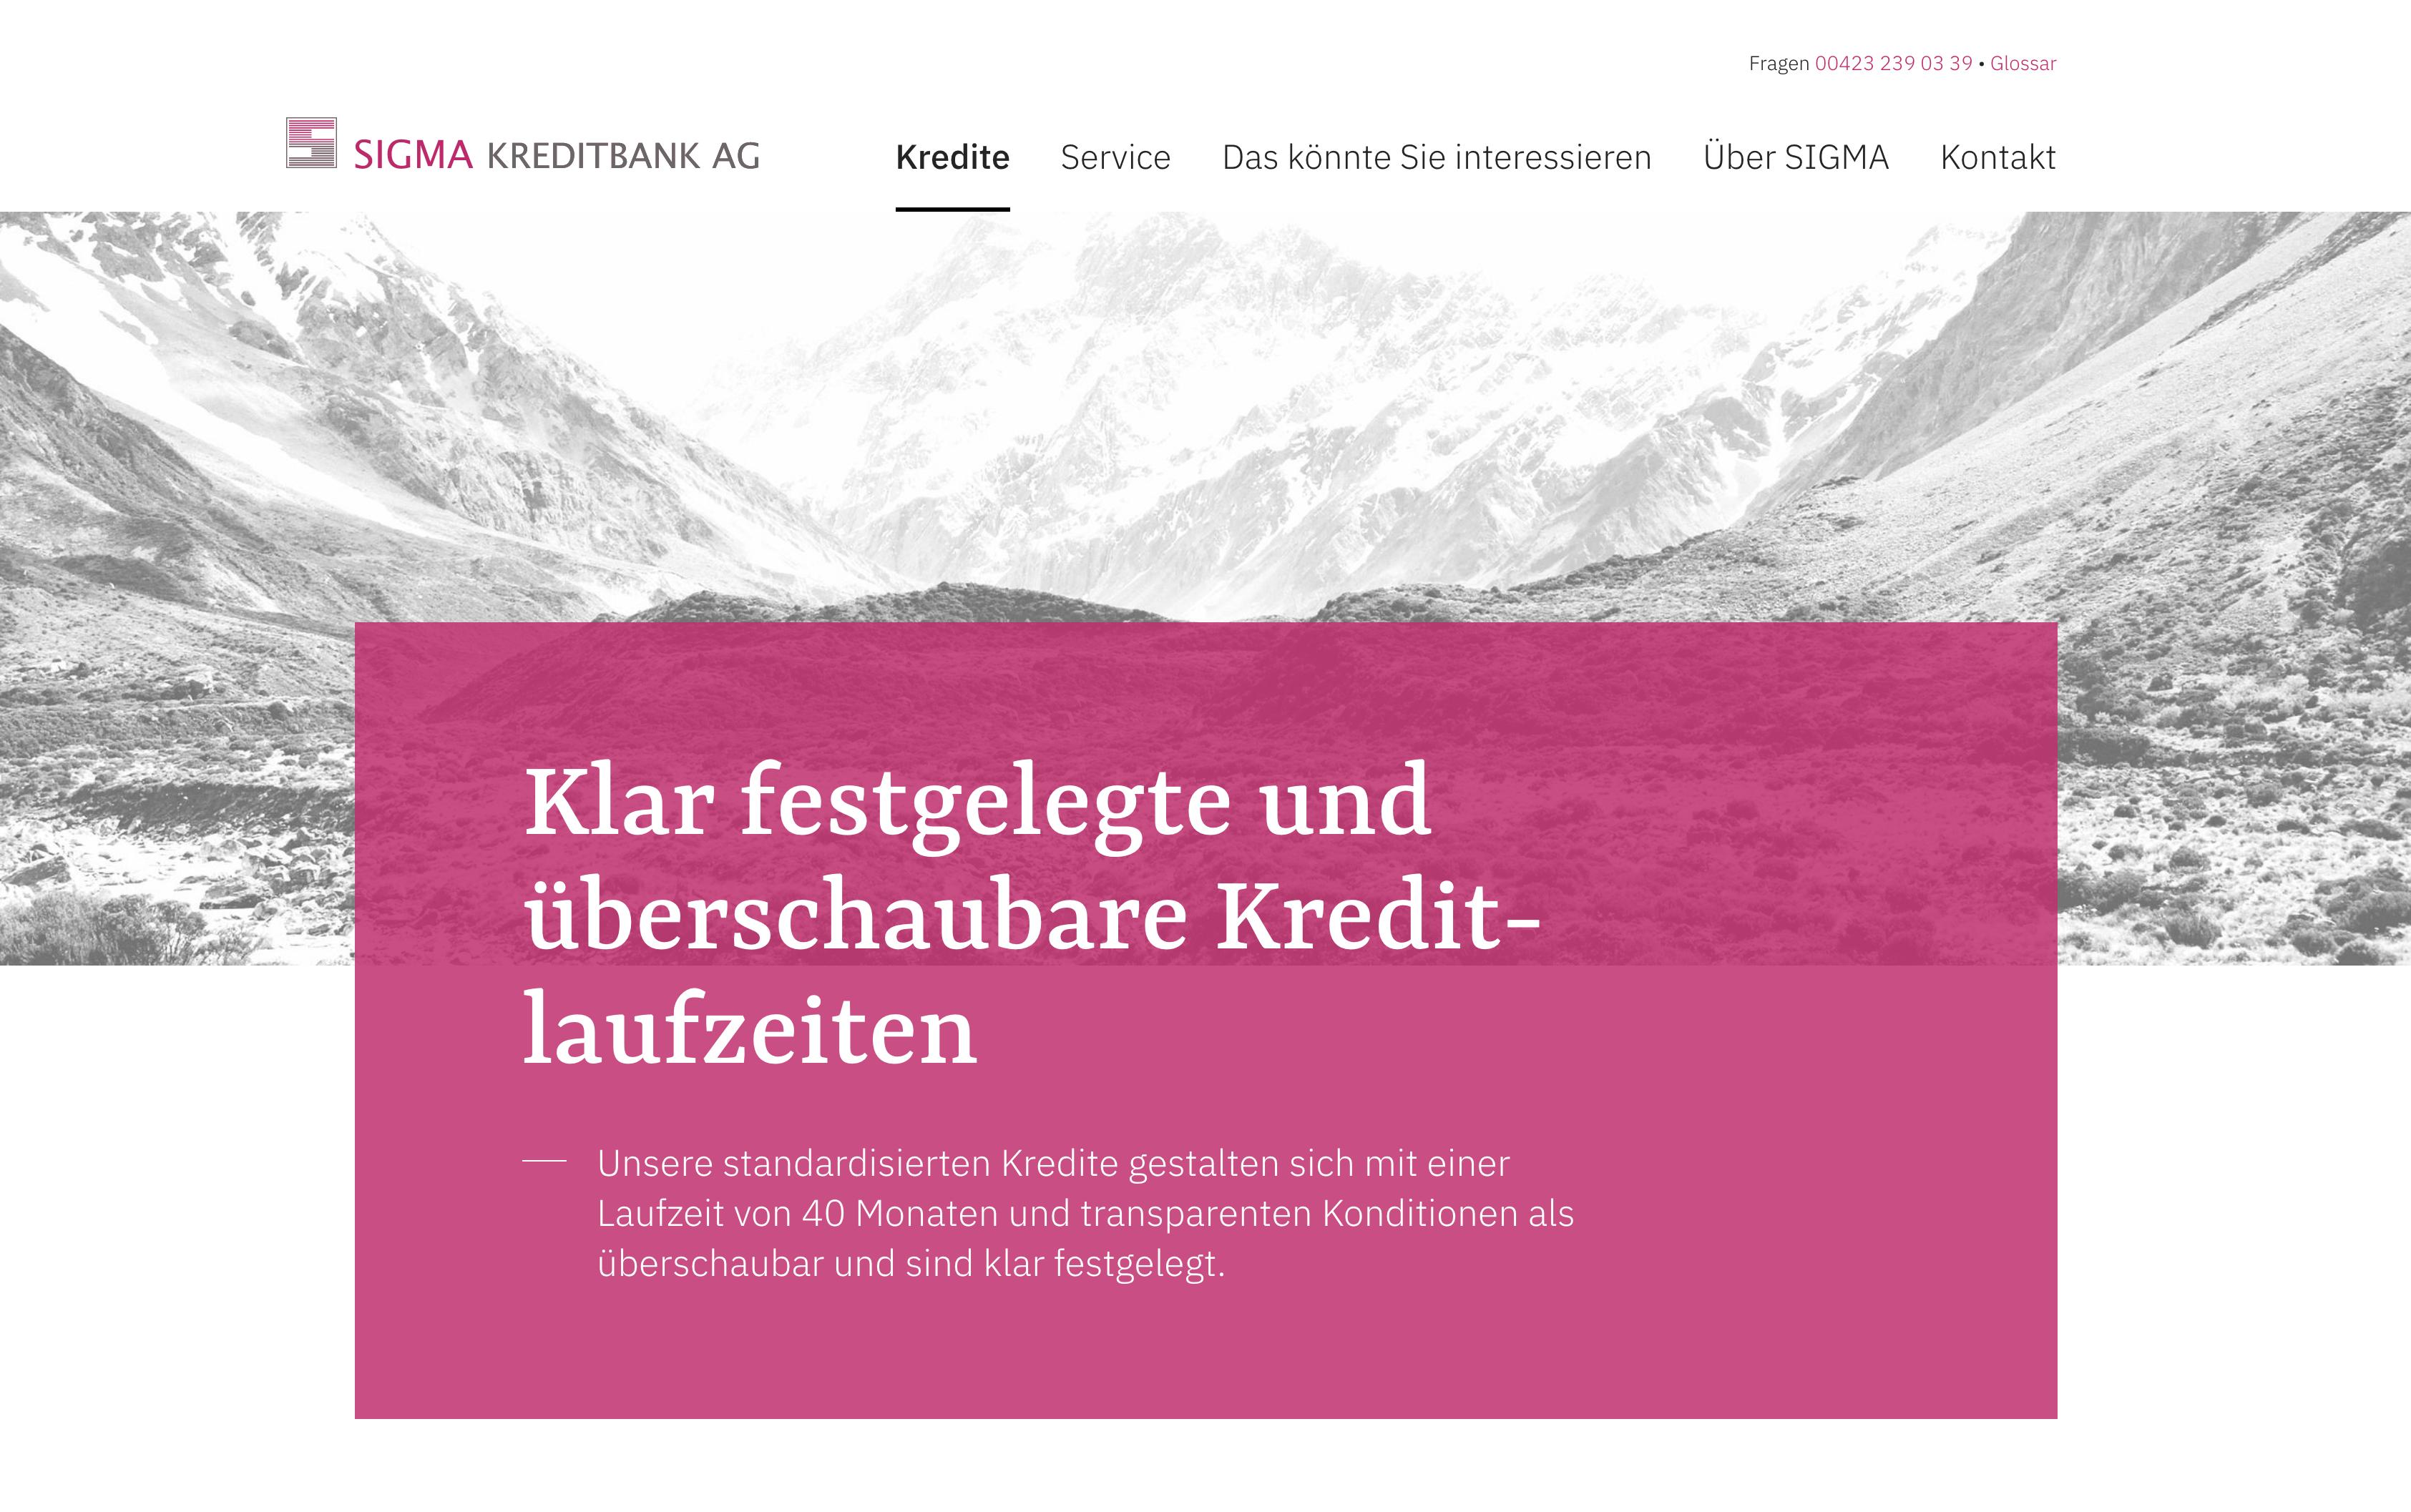 Screenshot der Webseite der Sigma Kreditbank